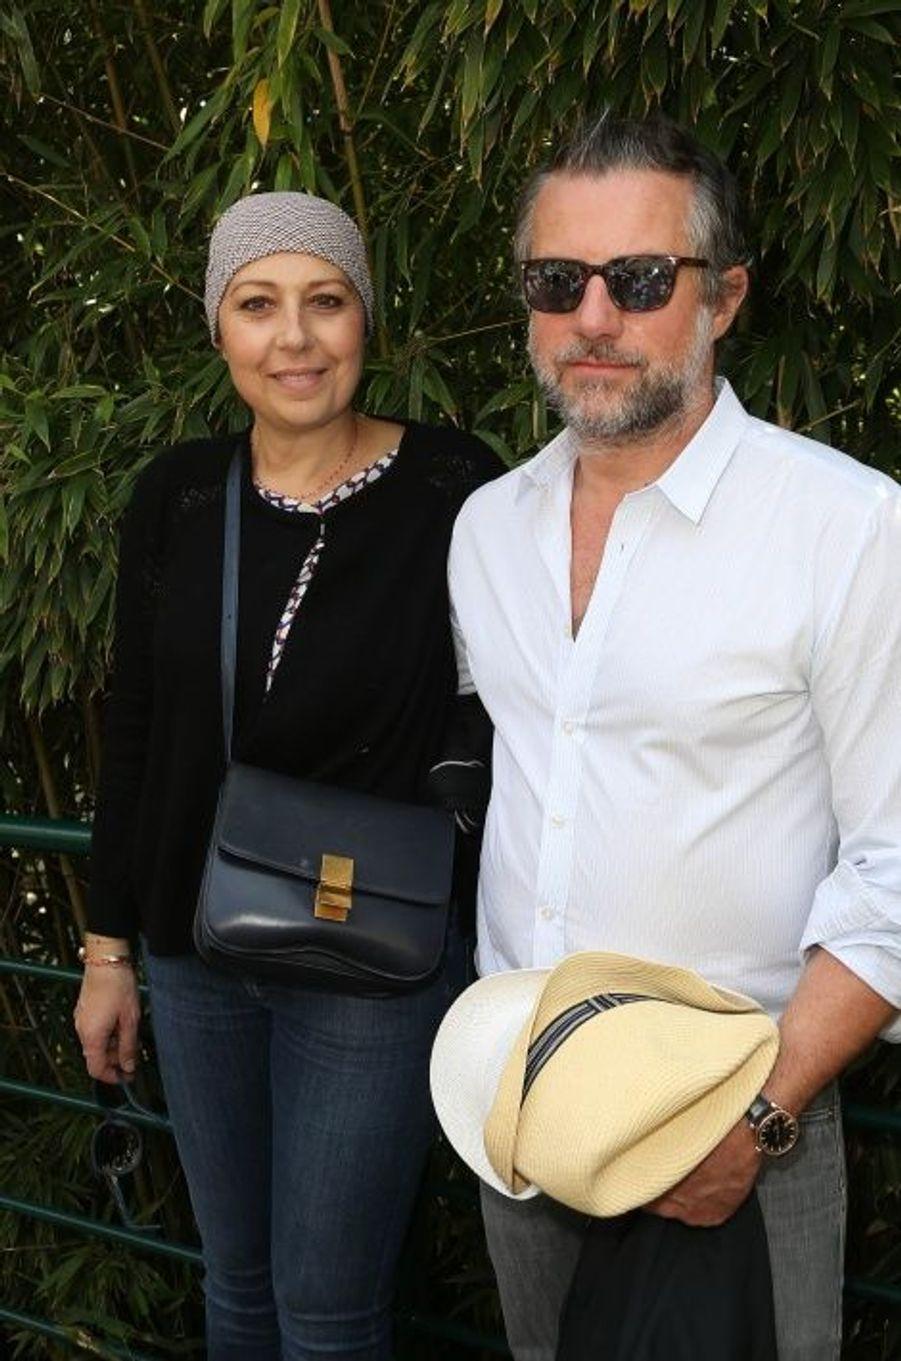 Avec son époux, Eric Wapler à Roland Garros